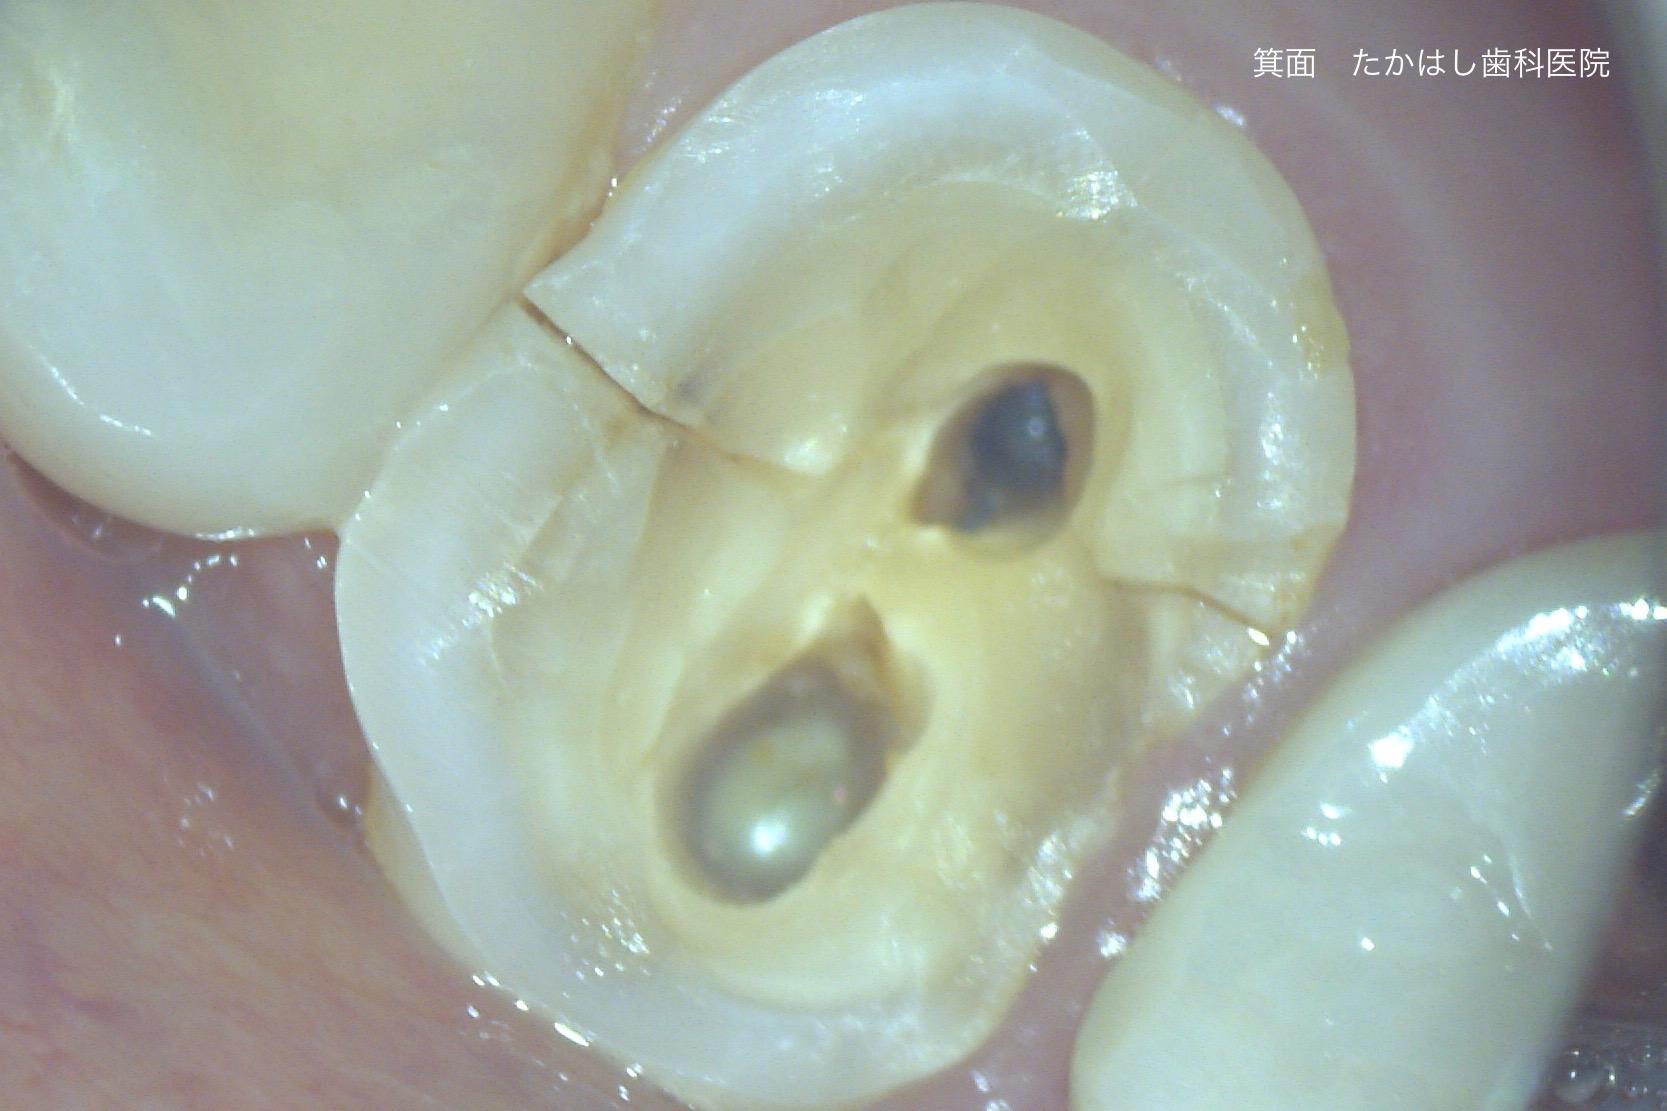 歯髄(歯の神経)内へ至る歯冠歯根破折